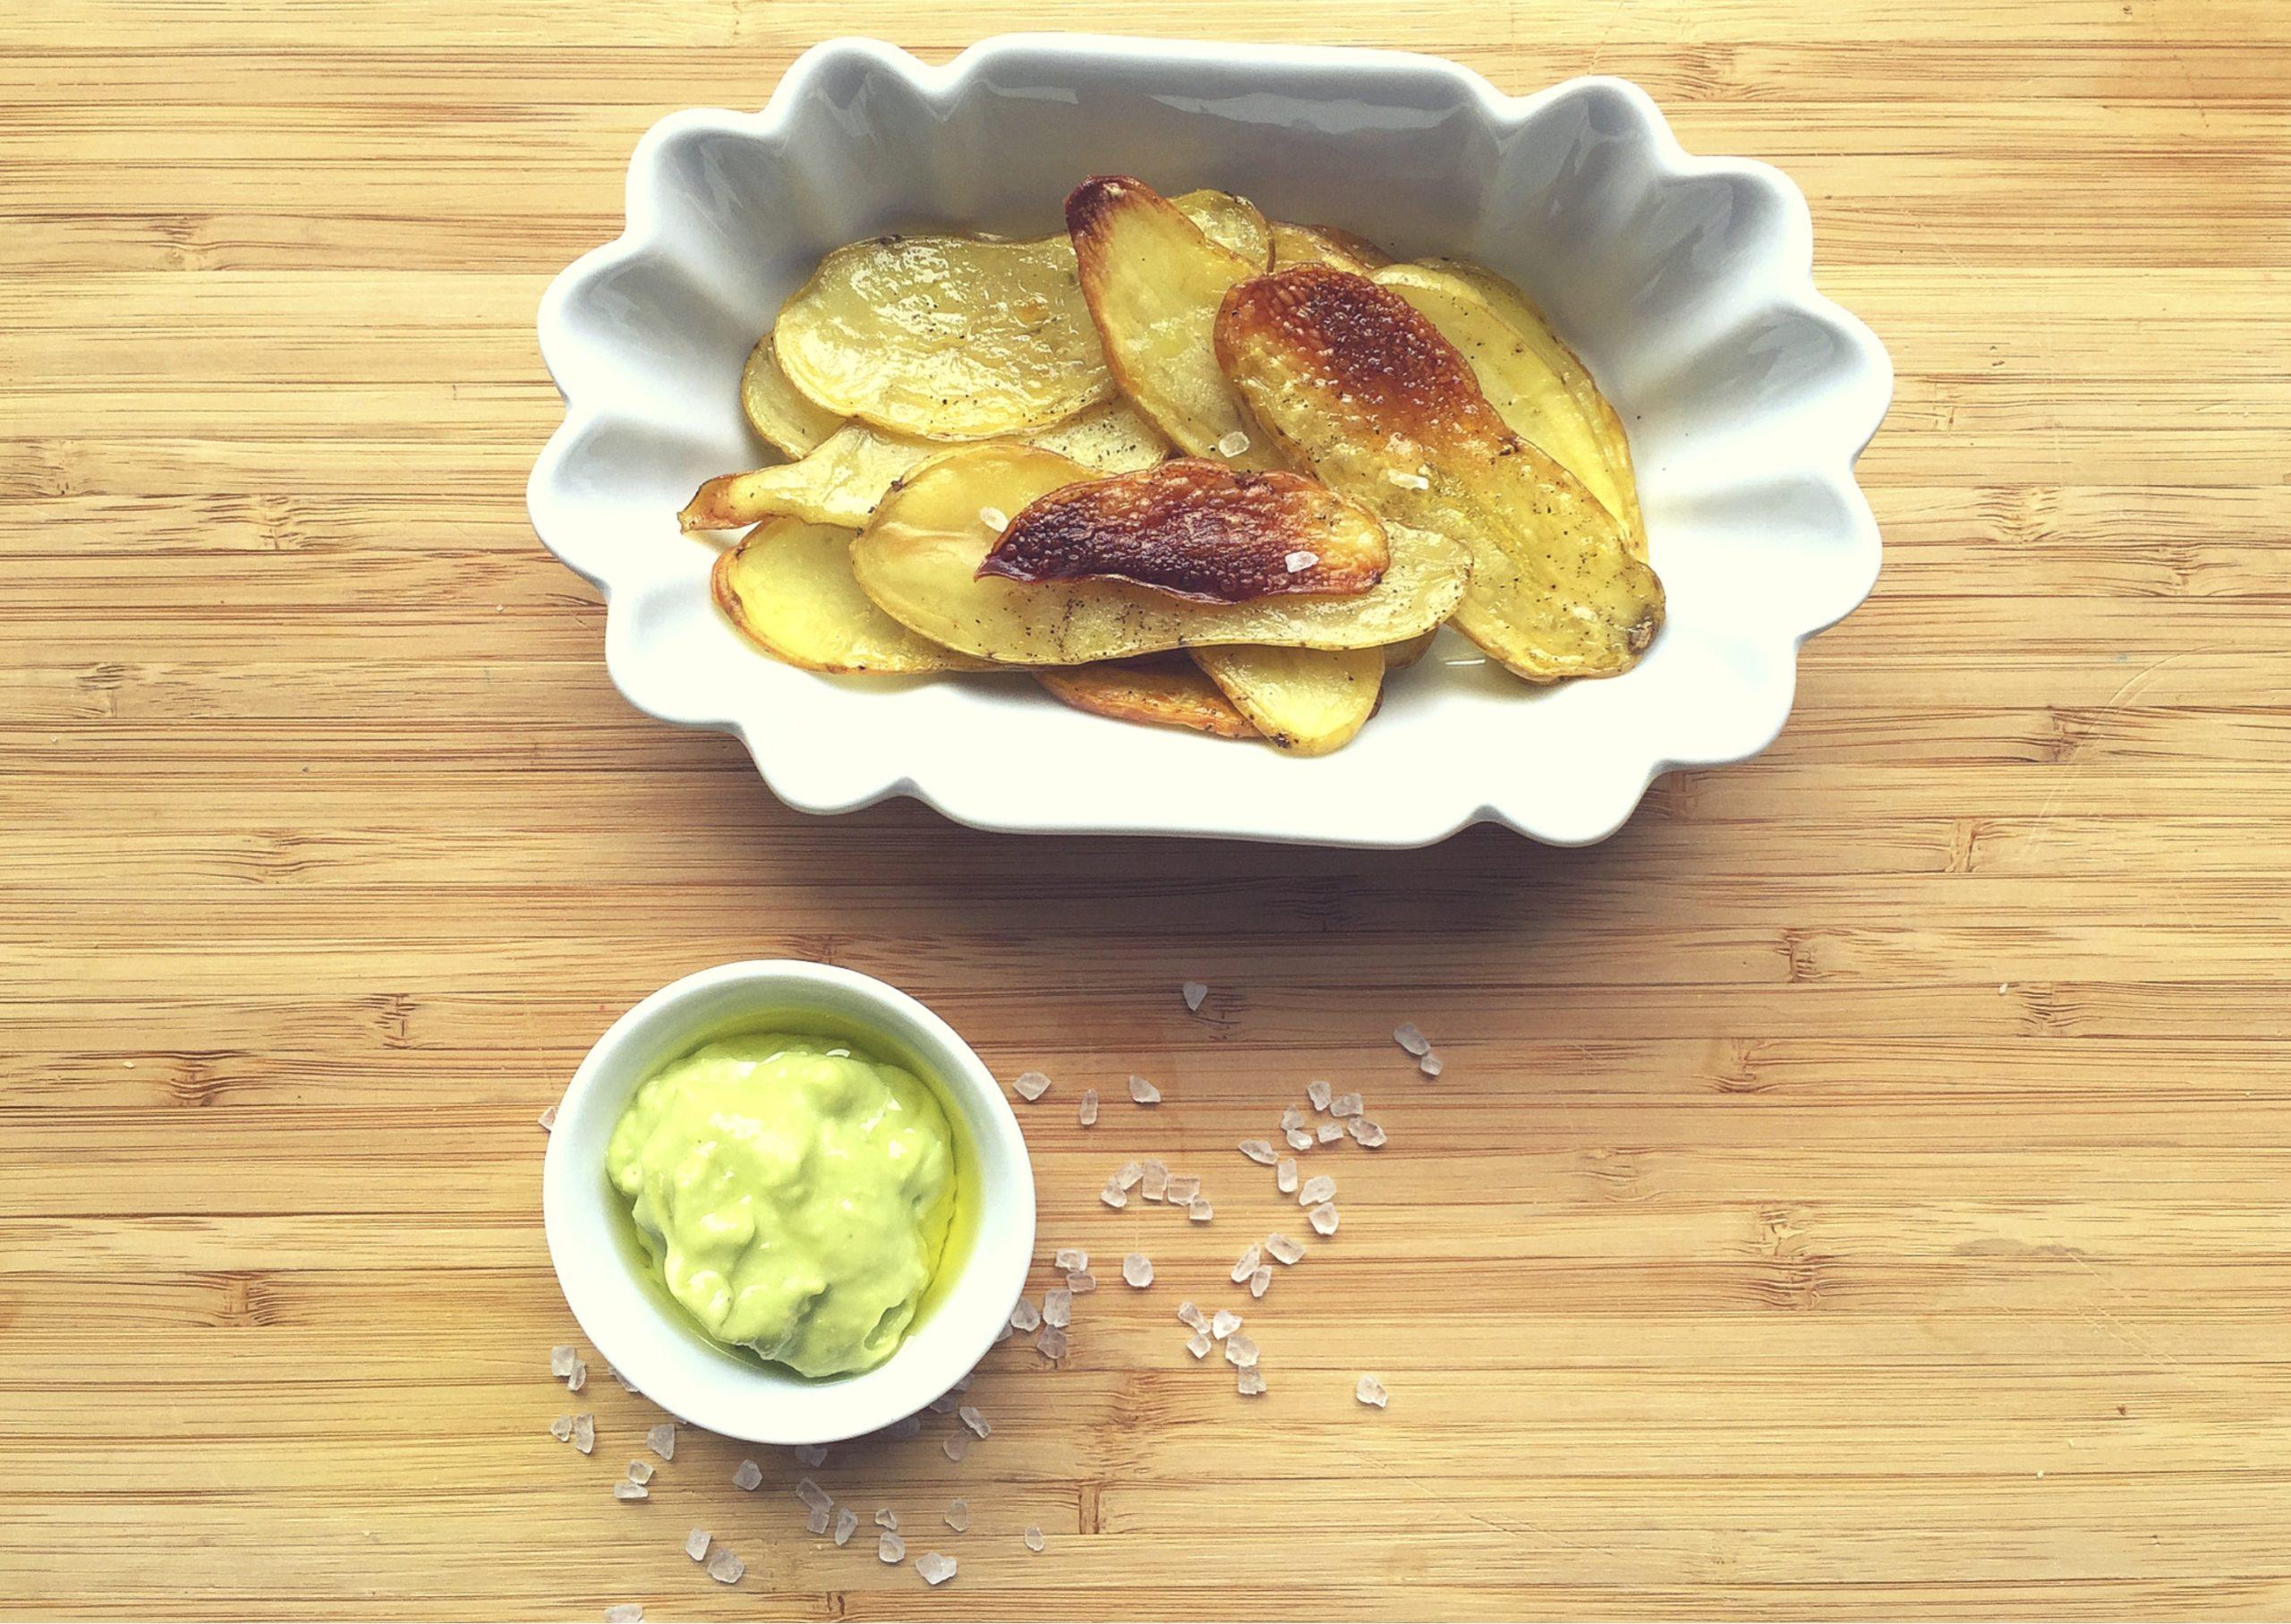 Chips selber machen ganz leicht https://www.meinesvenja.de/wp/